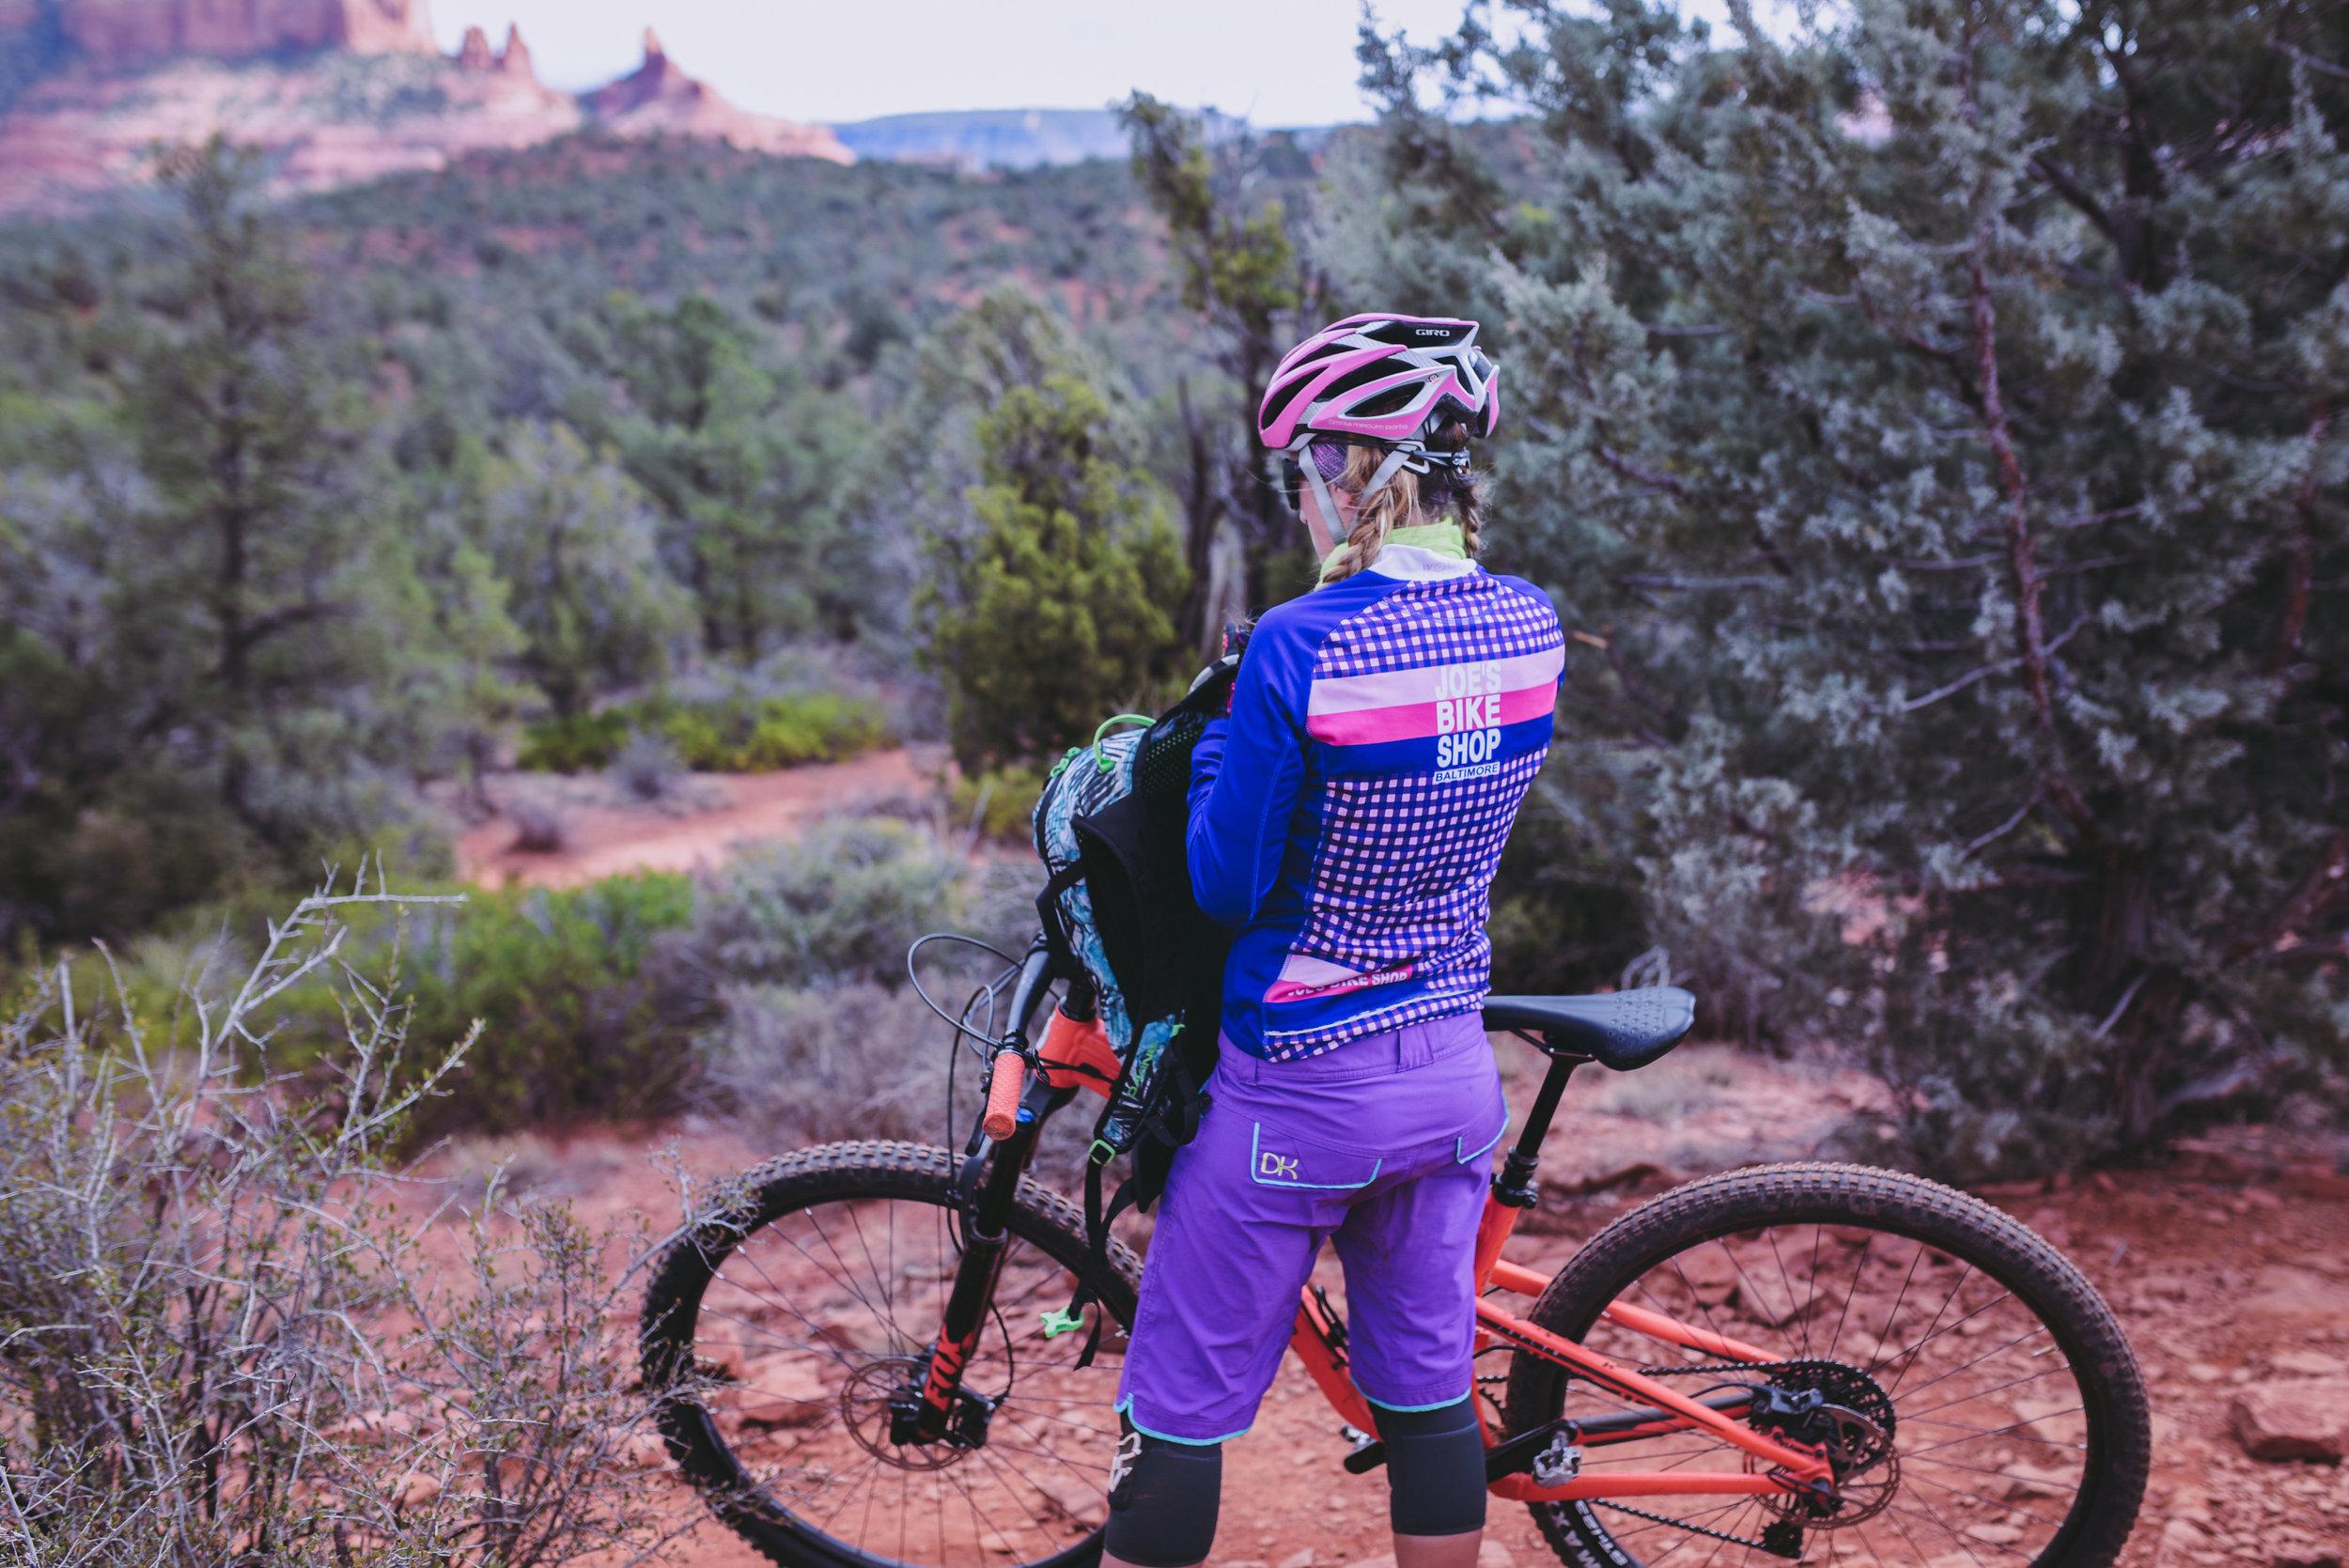 sedona-mountain-bike-festival-vida-ladies-jmostudio-13.jpg